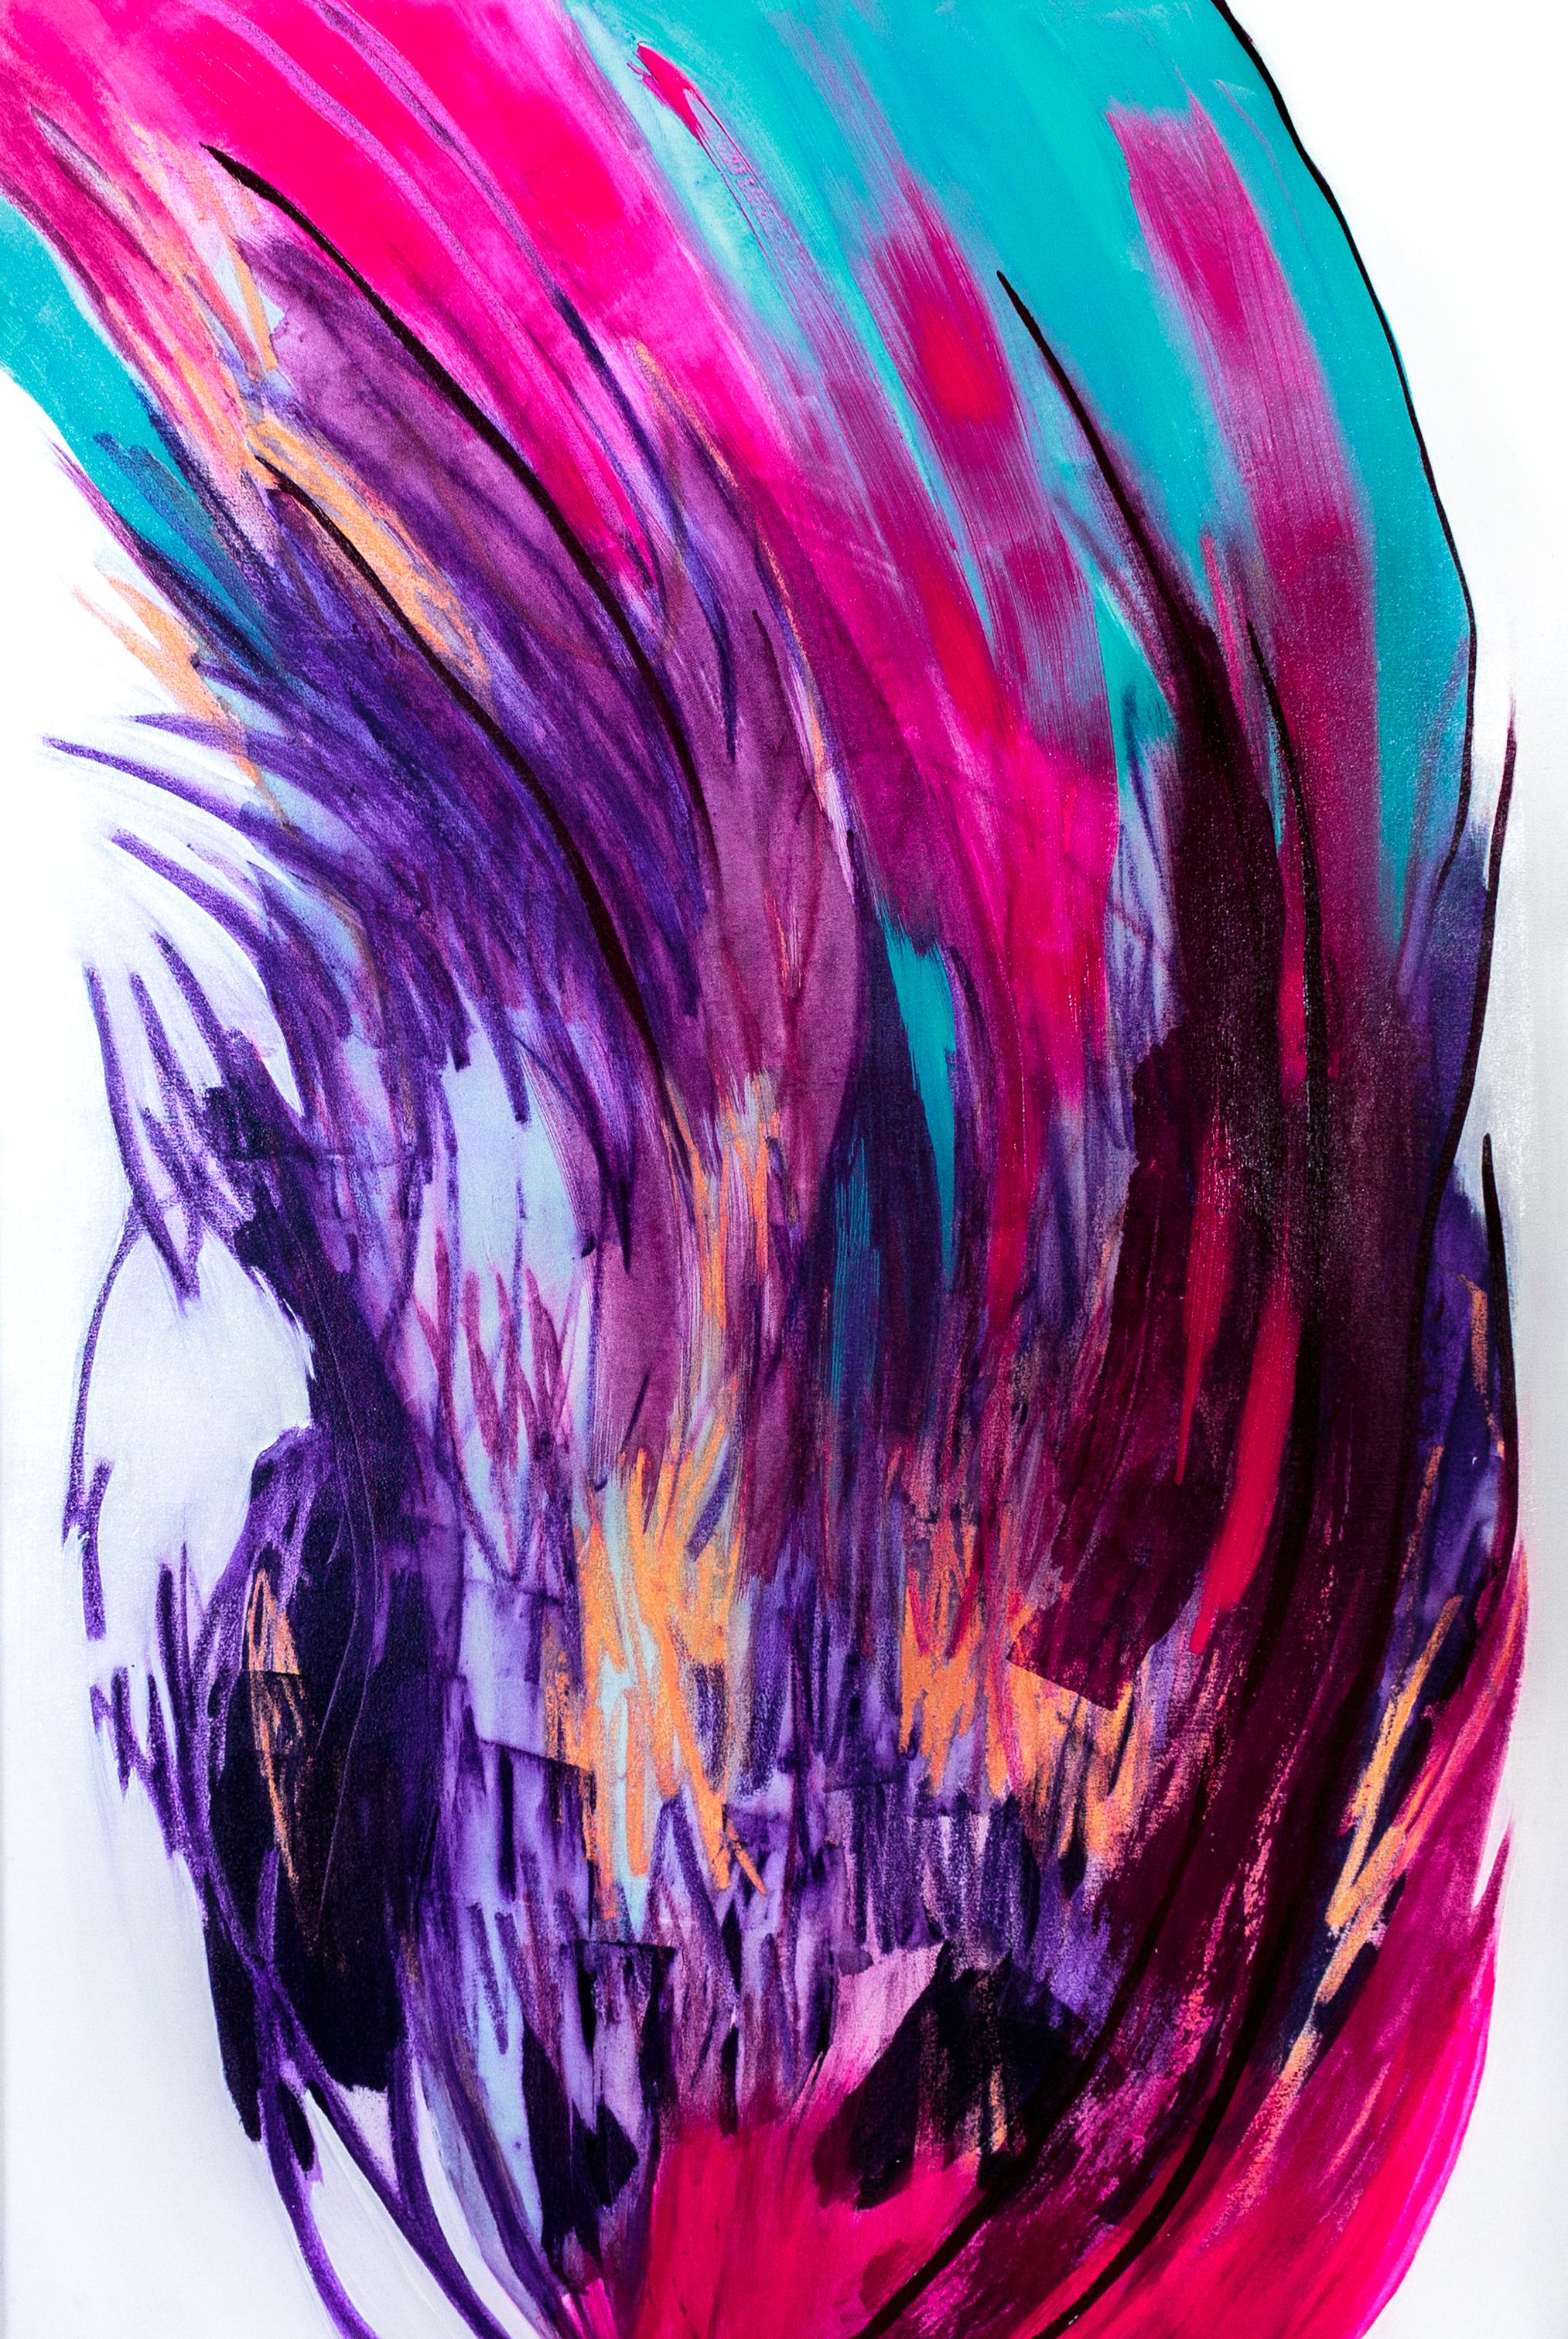 Orvokkirovio, Akryyli, pigmentti & pastelli kankaalle, 150 cm x 100 cm  Myynnissä / For sale